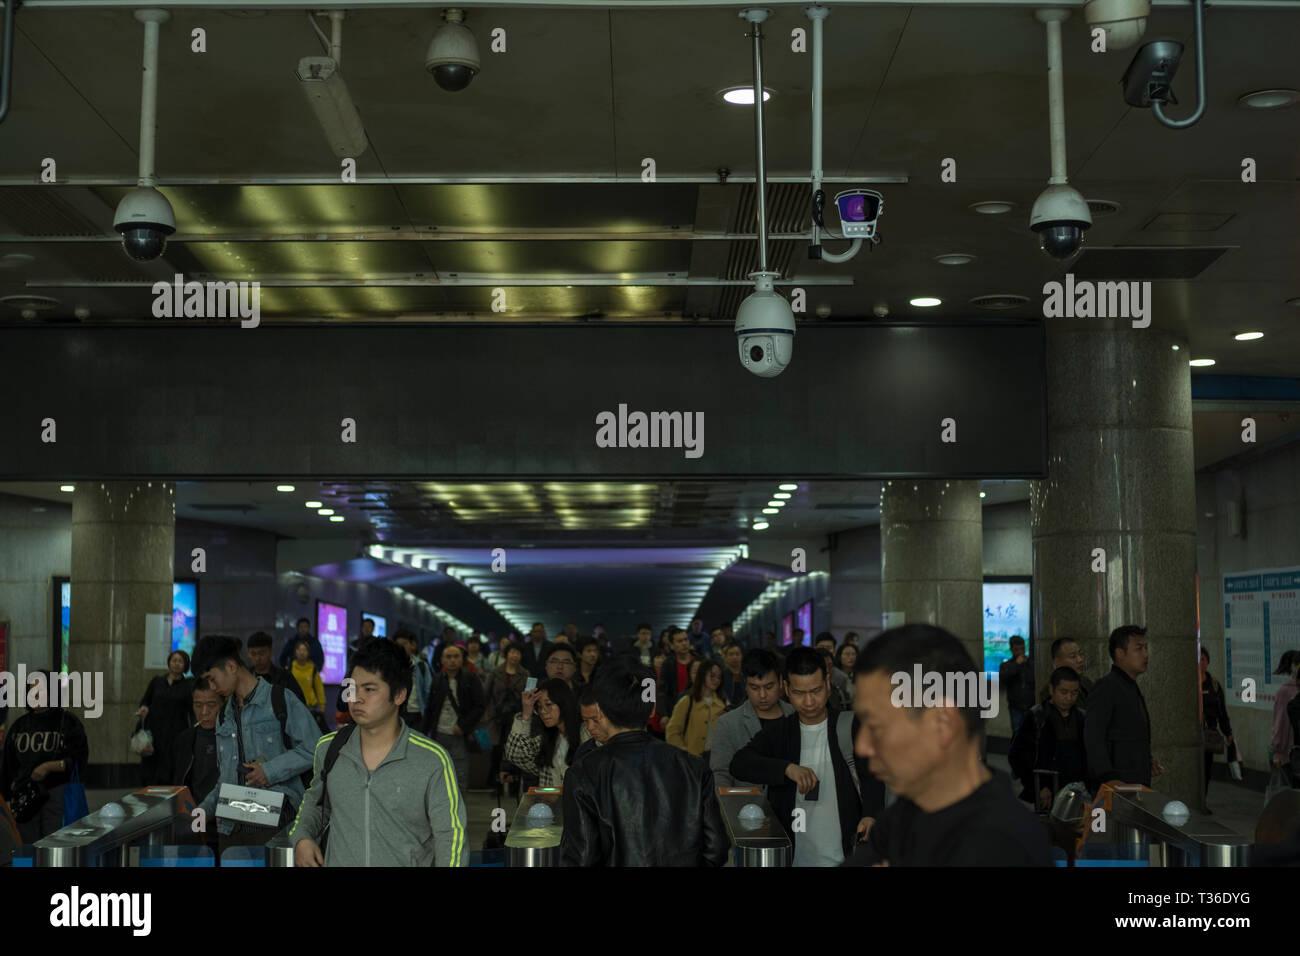 Les caméras de sécurité CCTV fonctionnant à la sortie d'une gare ferroviaire à Nanchang, province de Jiangxi, Chine. 06-Apr-2019 Banque D'Images